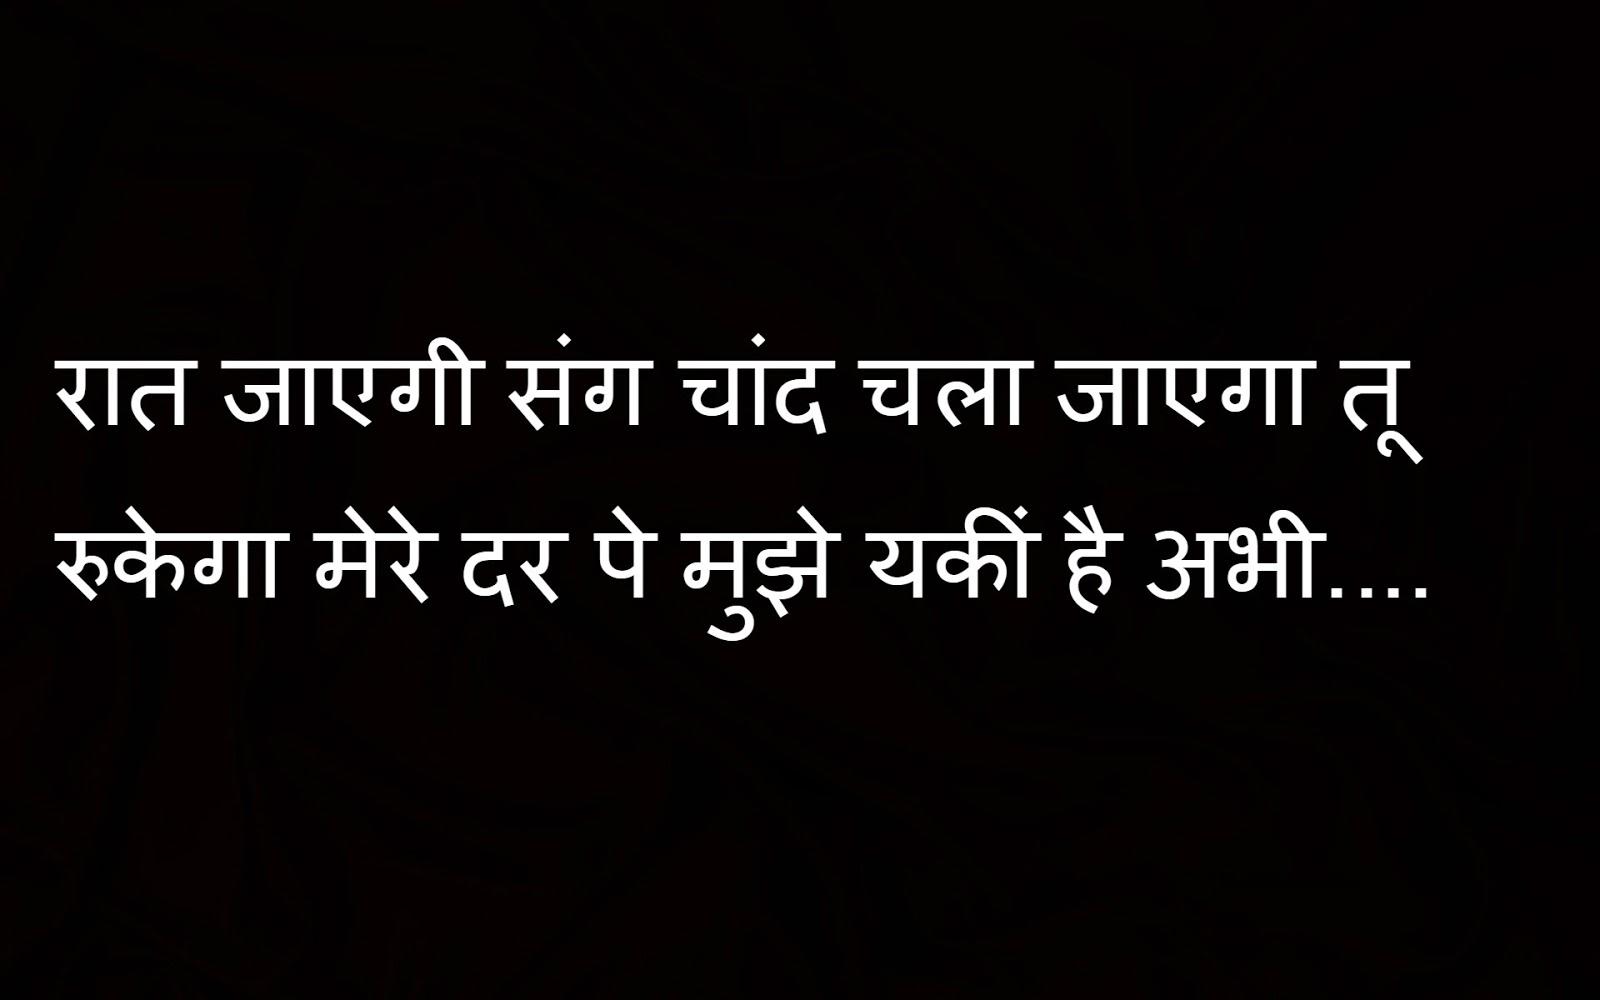 Hindi Shayari, Love Shayari, Sad Shayari, Dosti Shayari, Best Shayari ...